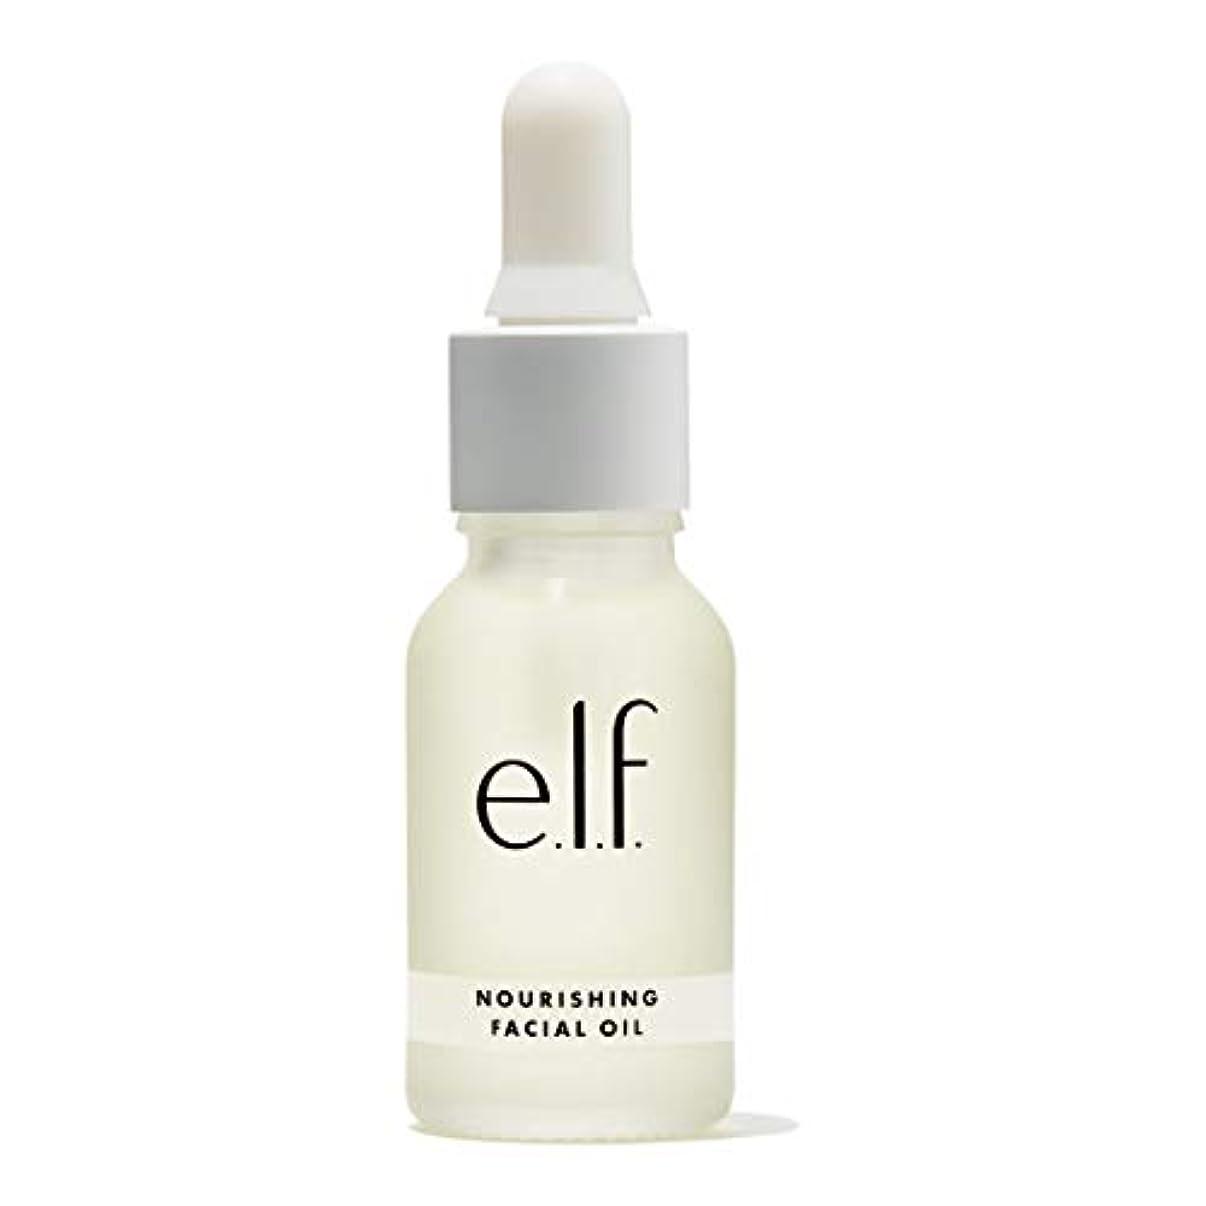 セットする魅力虐待(6 Pack) e.l.f. Nourishing Facial Oil (並行輸入品)